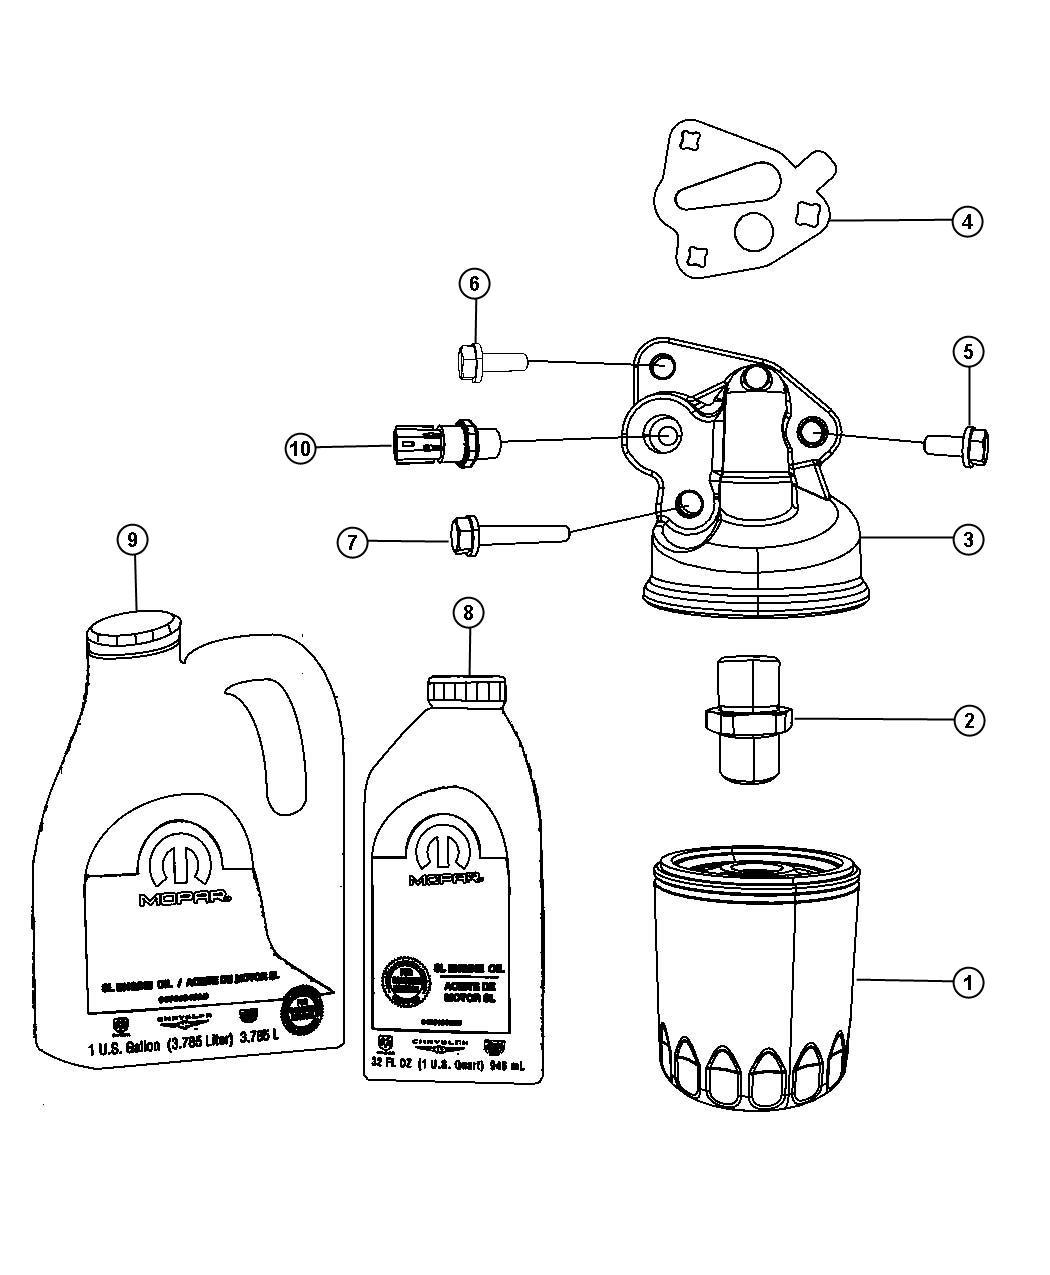 Dodge Grand Caravan Engine Oil Engine Oil Filter And Adapter 3 3l Egv